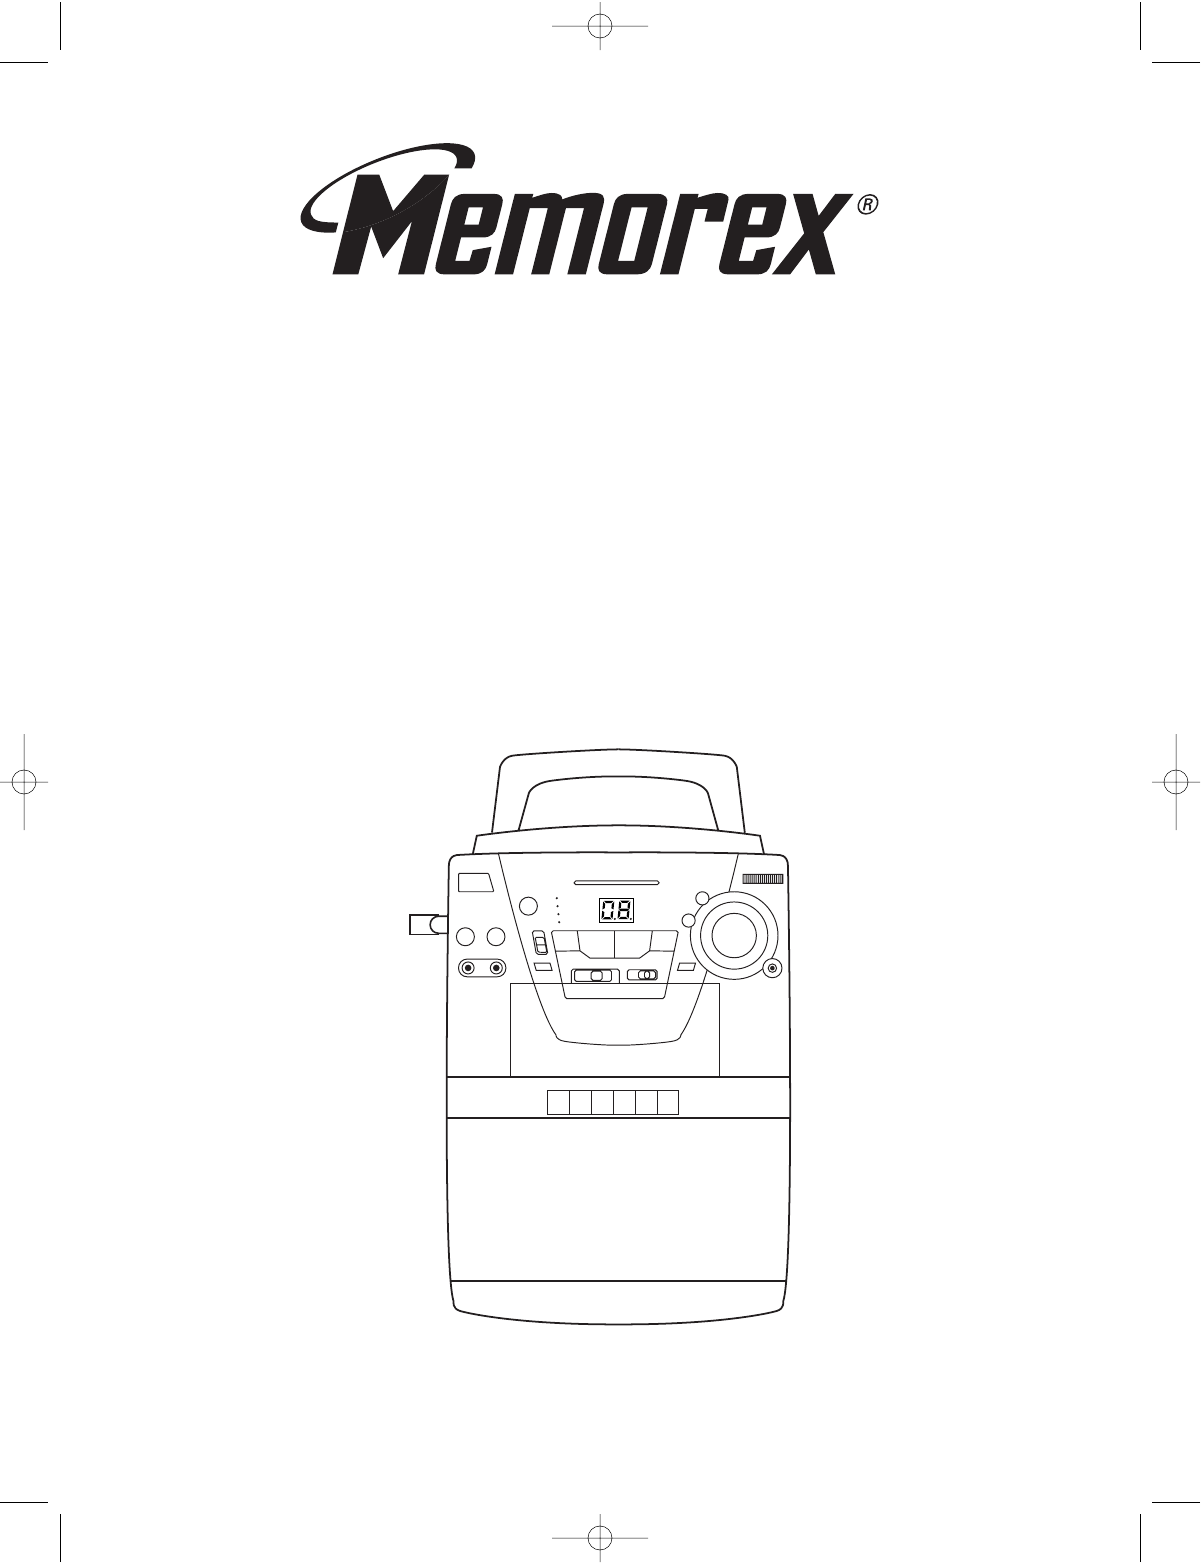 Memorex Stereo System Mks User Guide